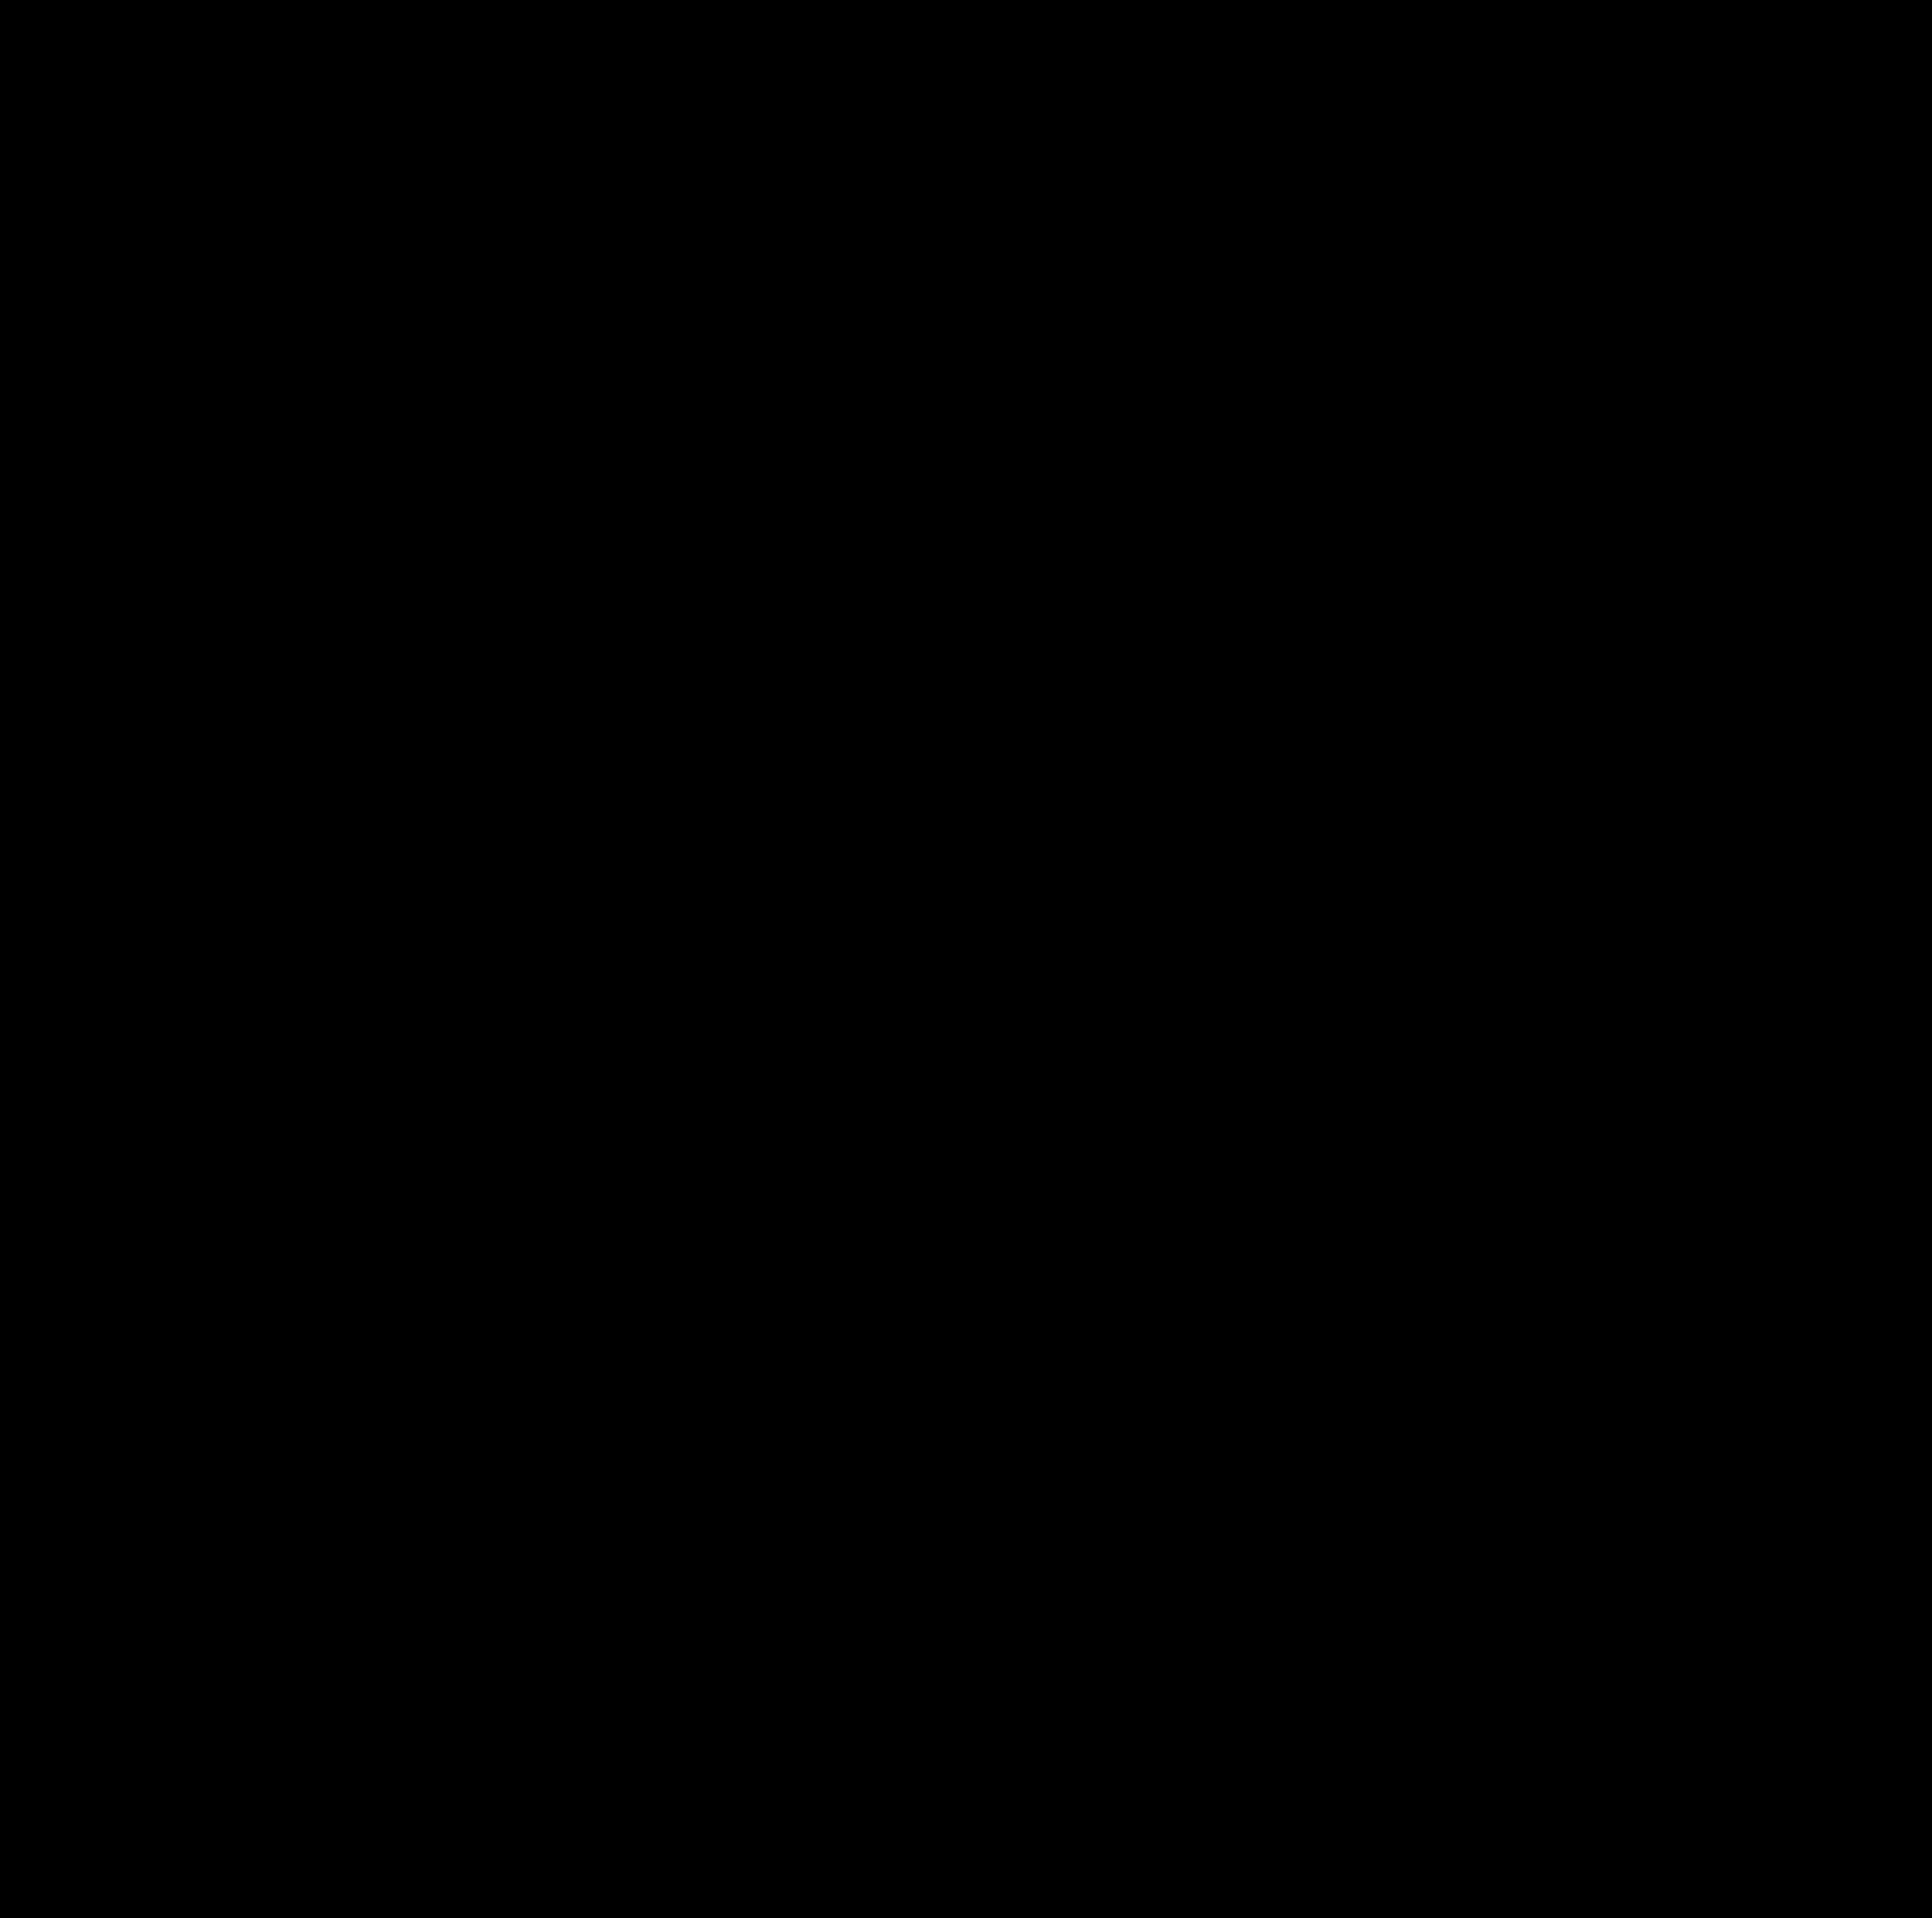 santa claus silhouette clip art